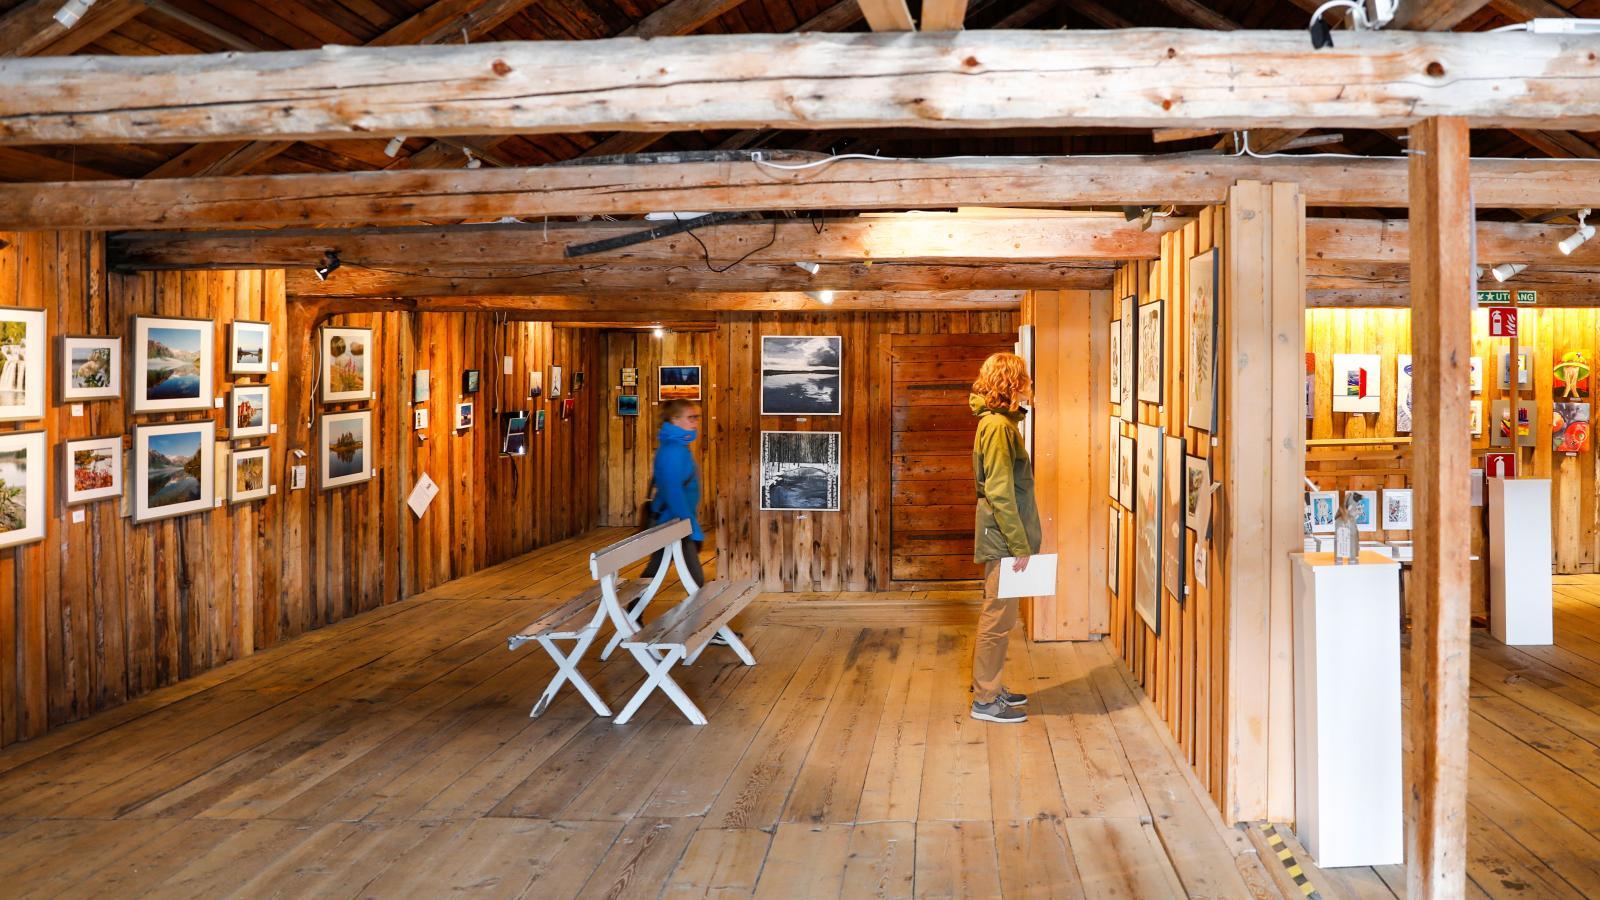 Hamnmagasinet drivs av ett tjugotal konstnärer som tillsammans säljer slöjd, hantverk och design. På ovanvåningen finns ett galleri.